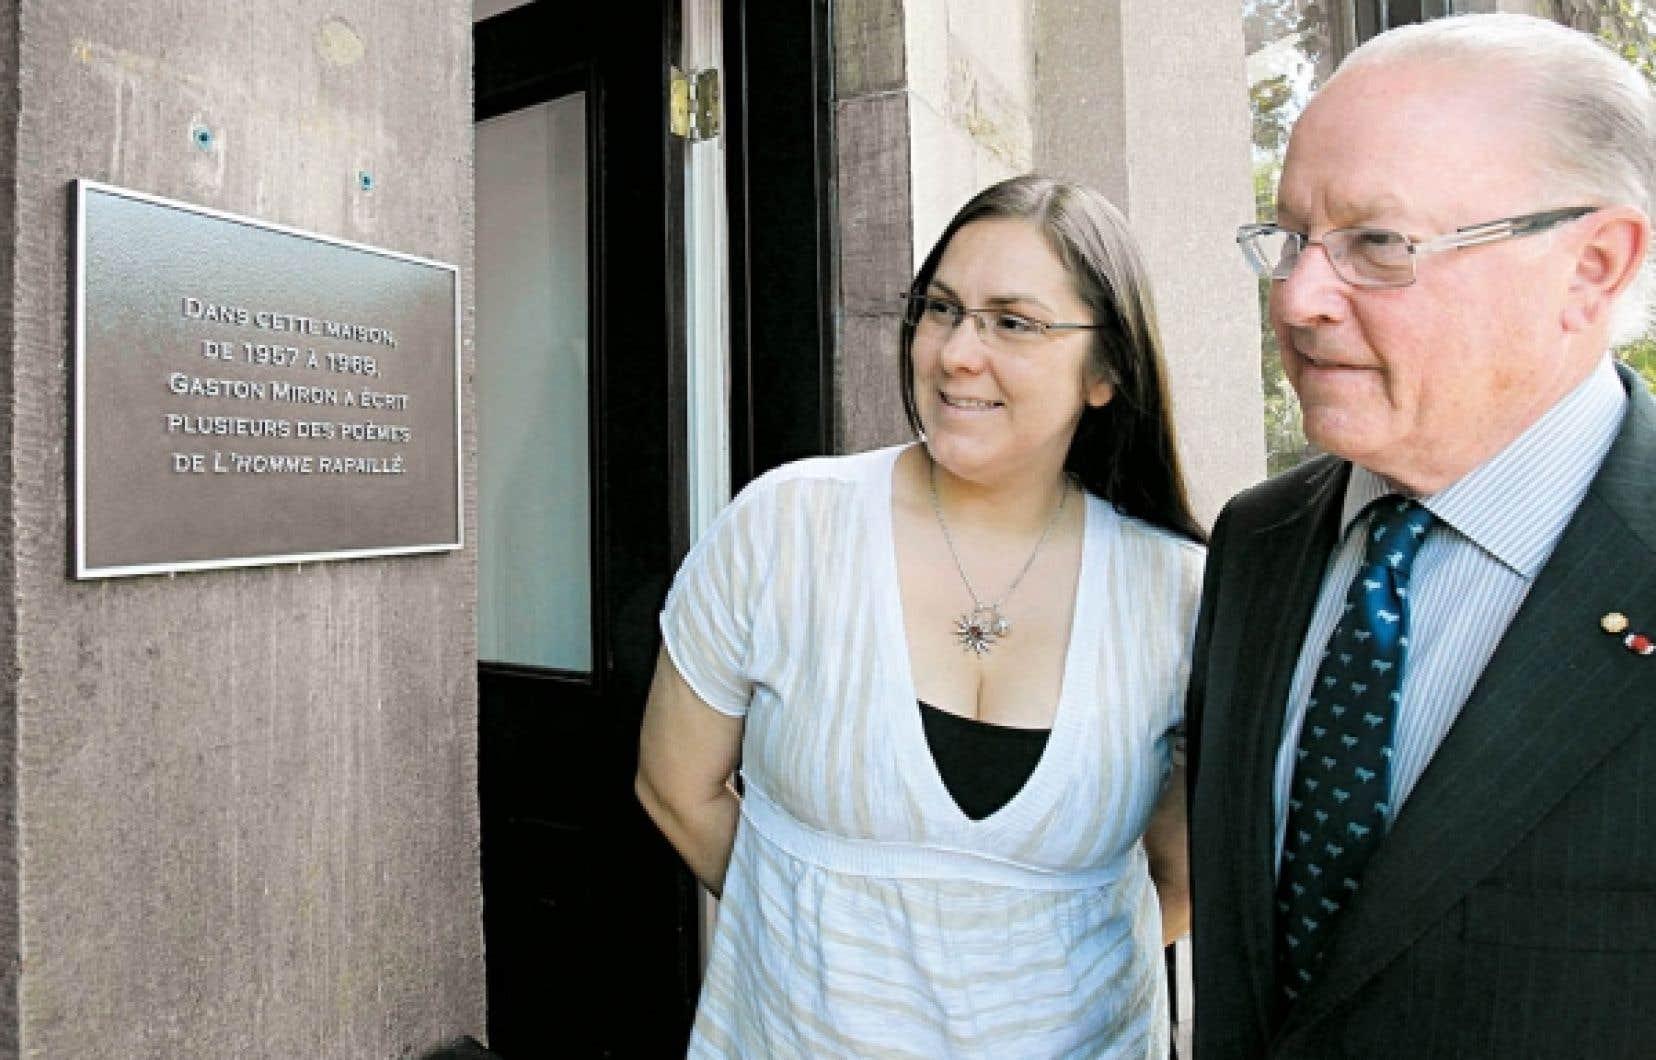 La fille de Gaston Miron, Emmanuelle Miron, et l'ancien premier ministre du Québec Bernard Landry